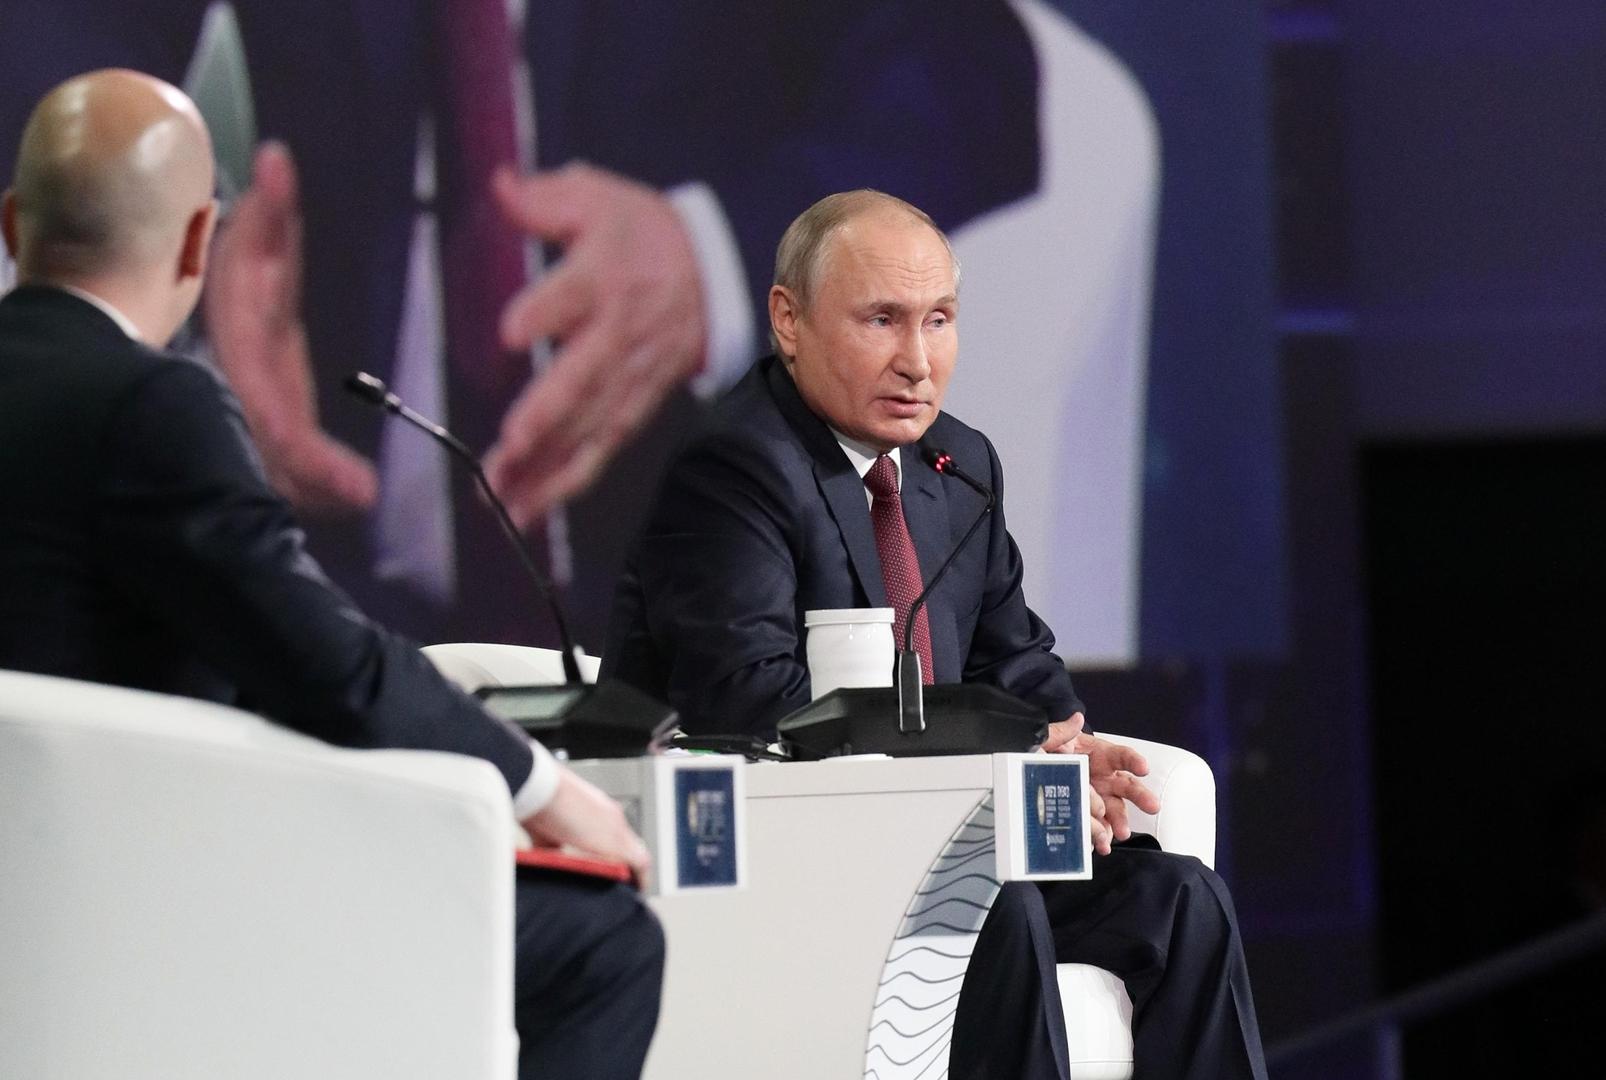 بوتين يكشف عن الأولوية في محاربة تغيرات المناخ